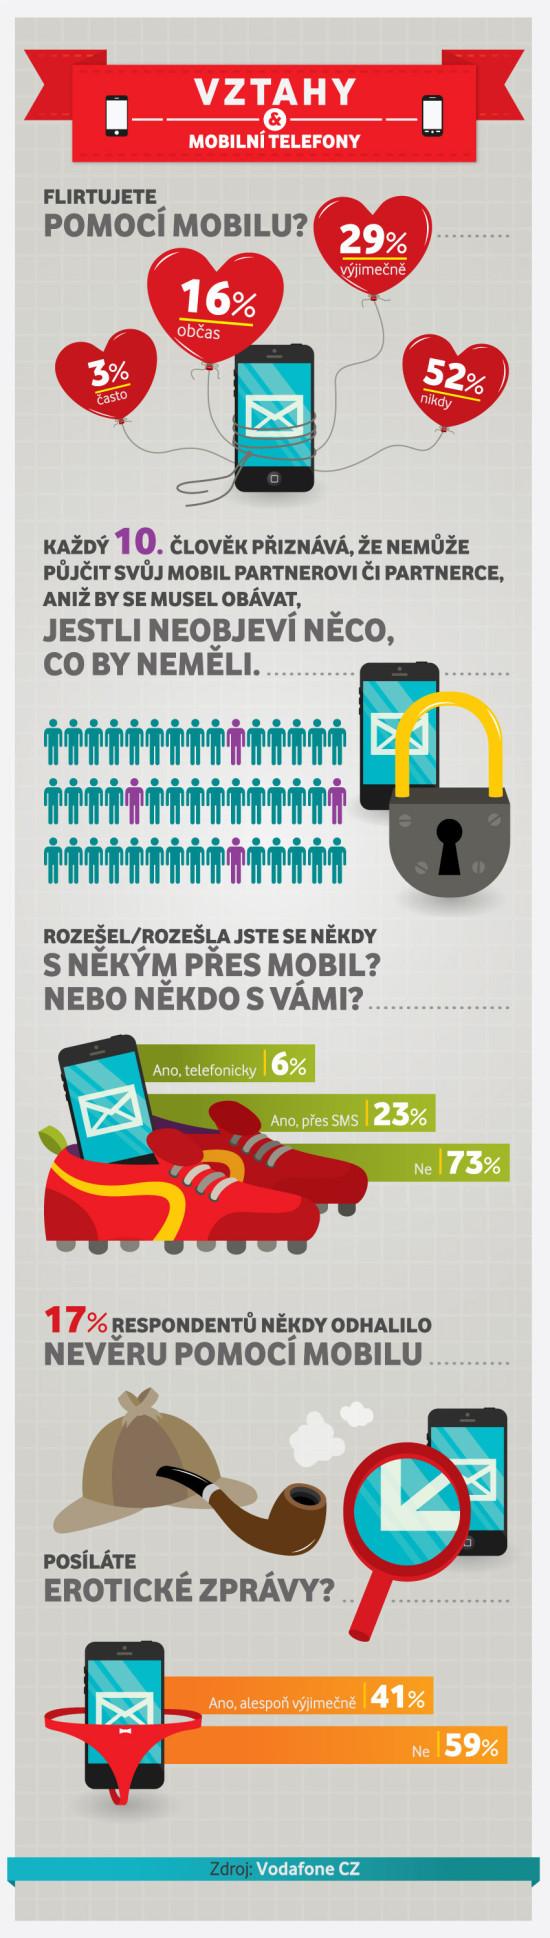 Vztahy a mobilní telefony